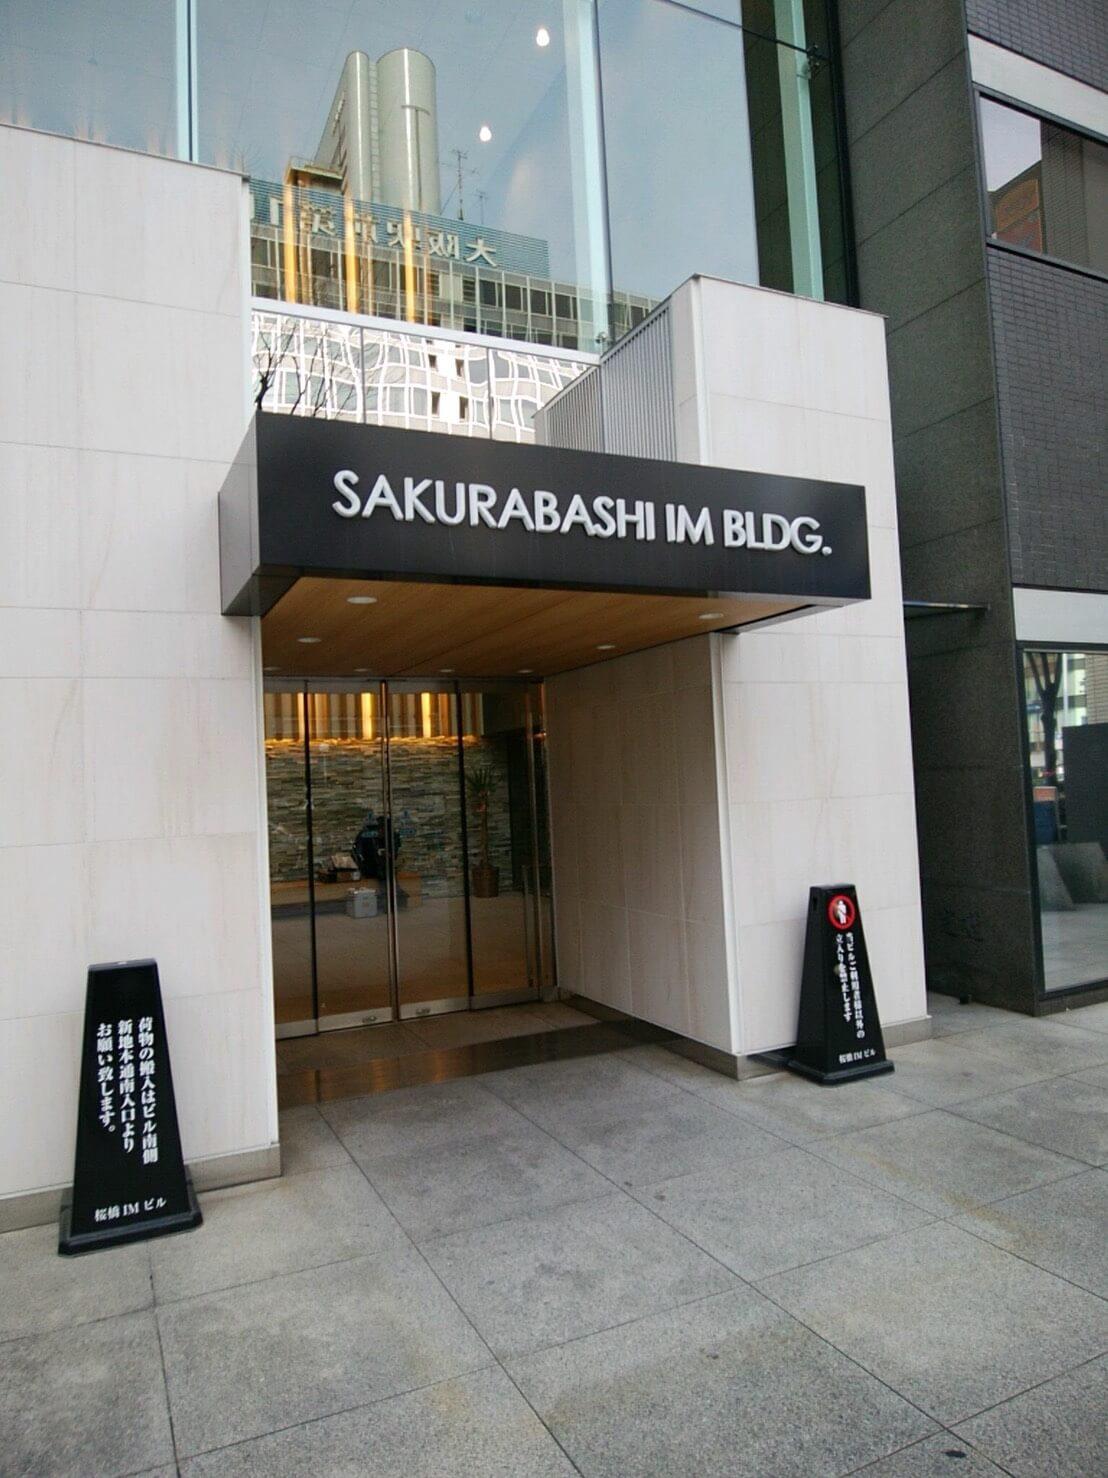 ファミリーマートの奥となりにあるビルのB1階がレジーナクリニック大阪梅田院です。